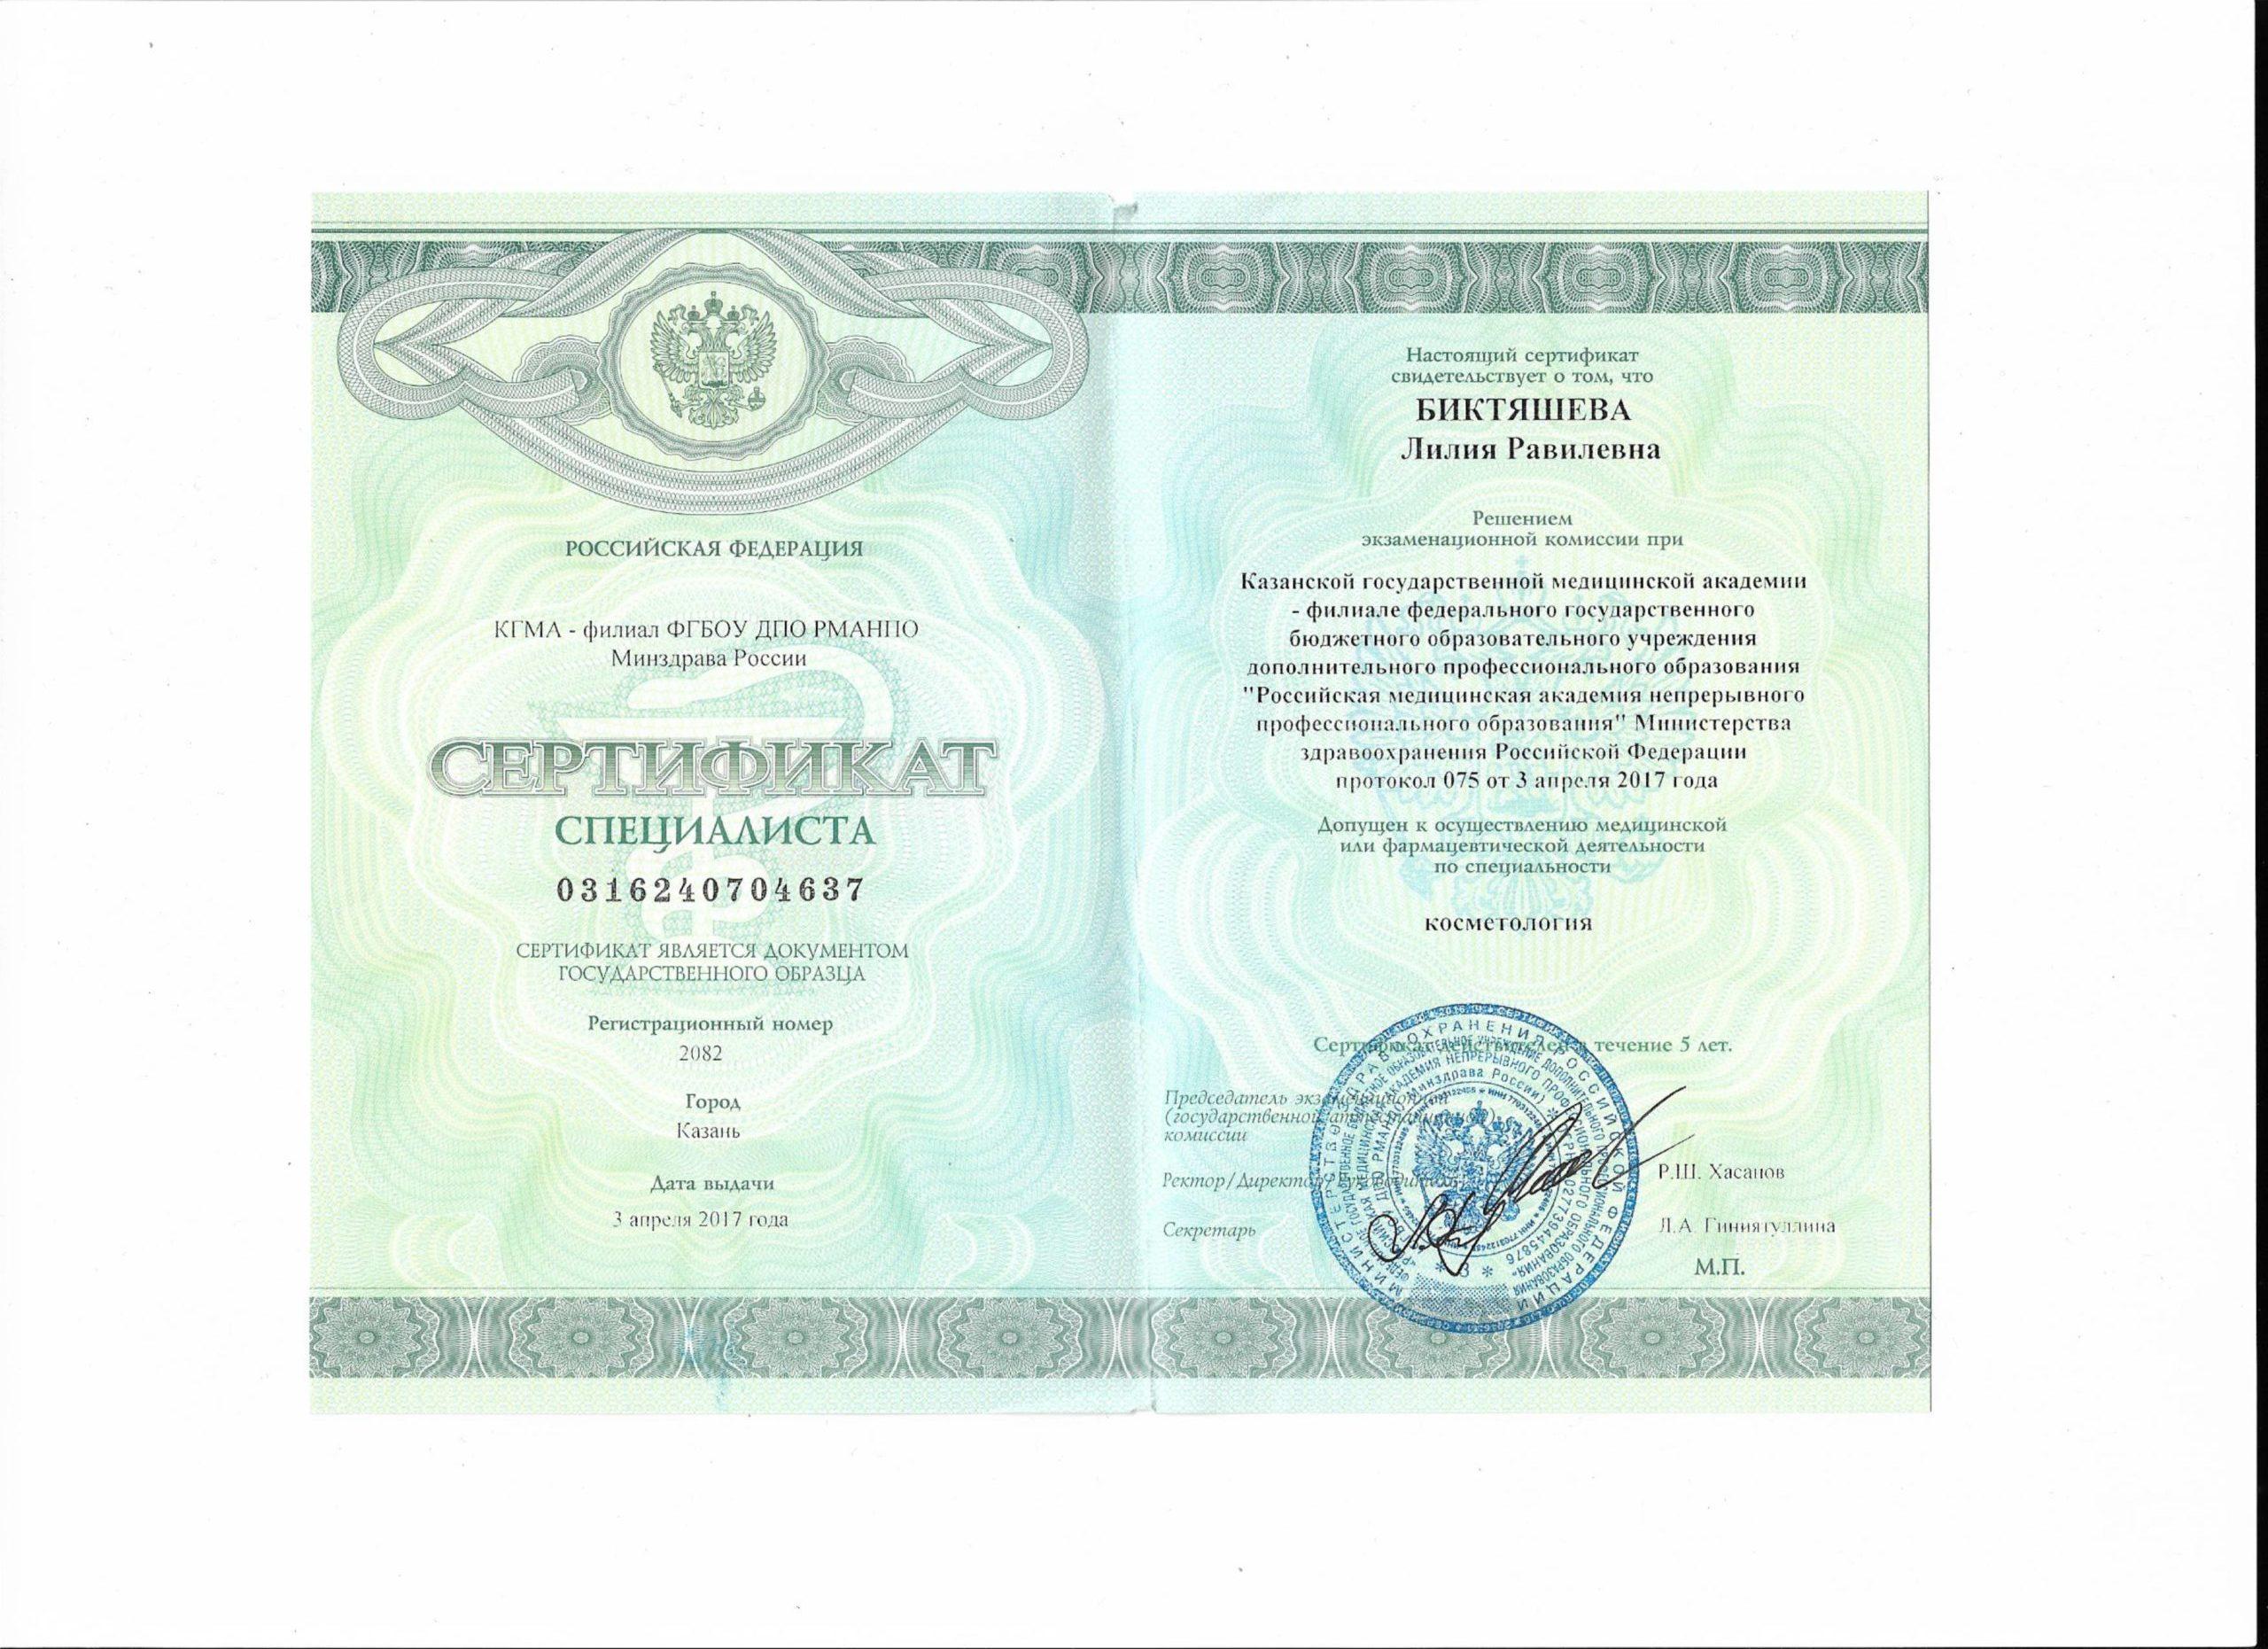 Сертификат специалиста 3 апреля 2017